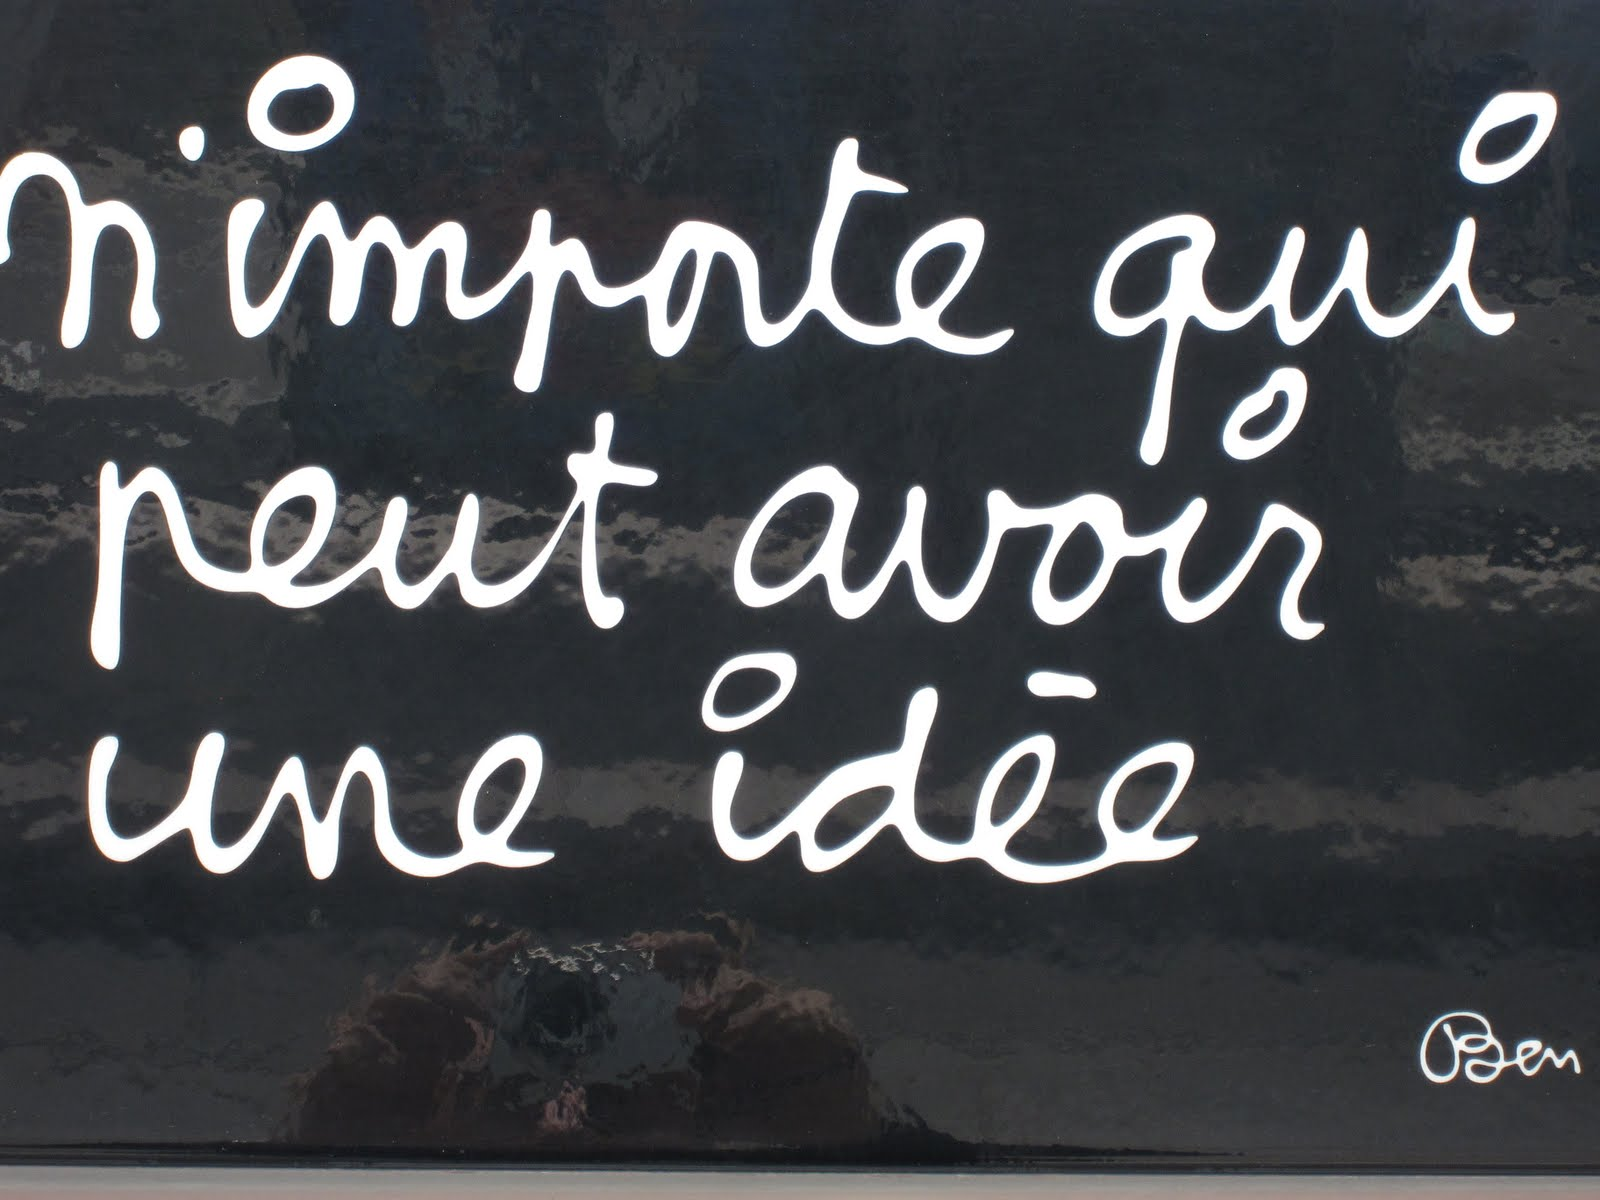 10 manières de démarrer son entreprise en ne faisant pas grand chose, par Loic Le Meur